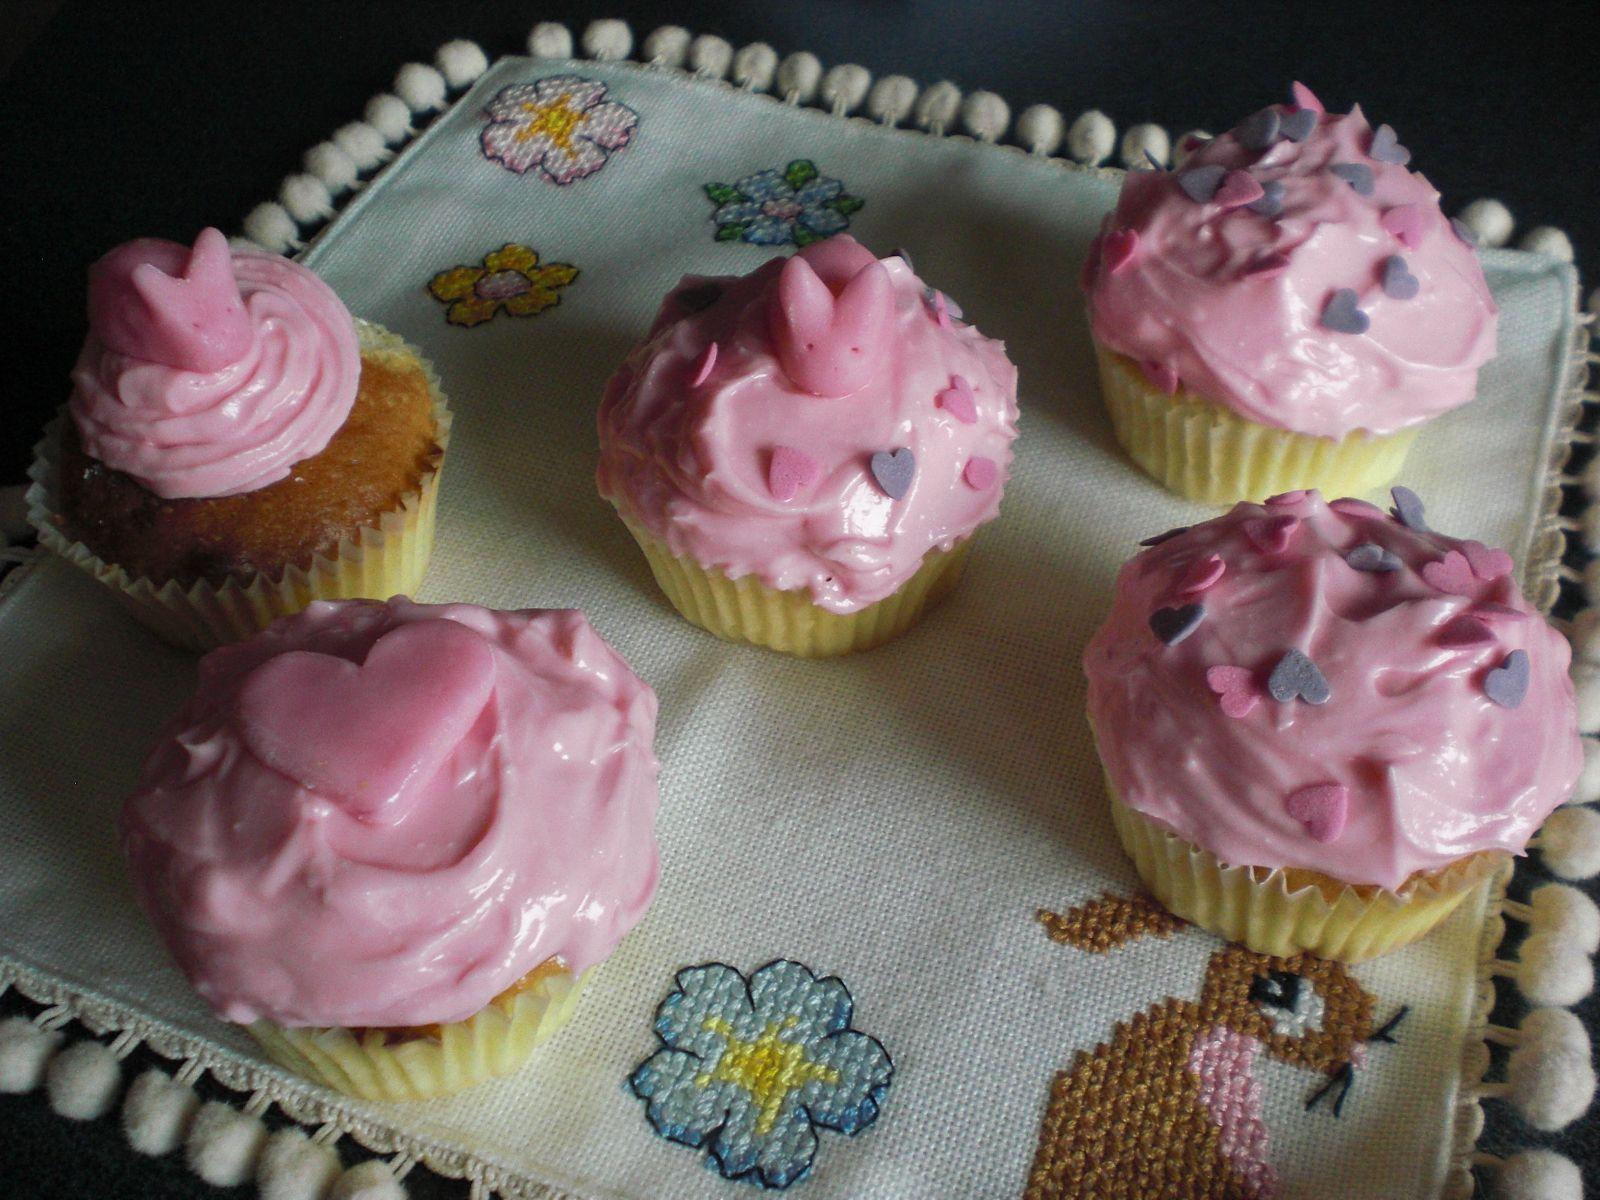 pink-pink-pink cupcakes!